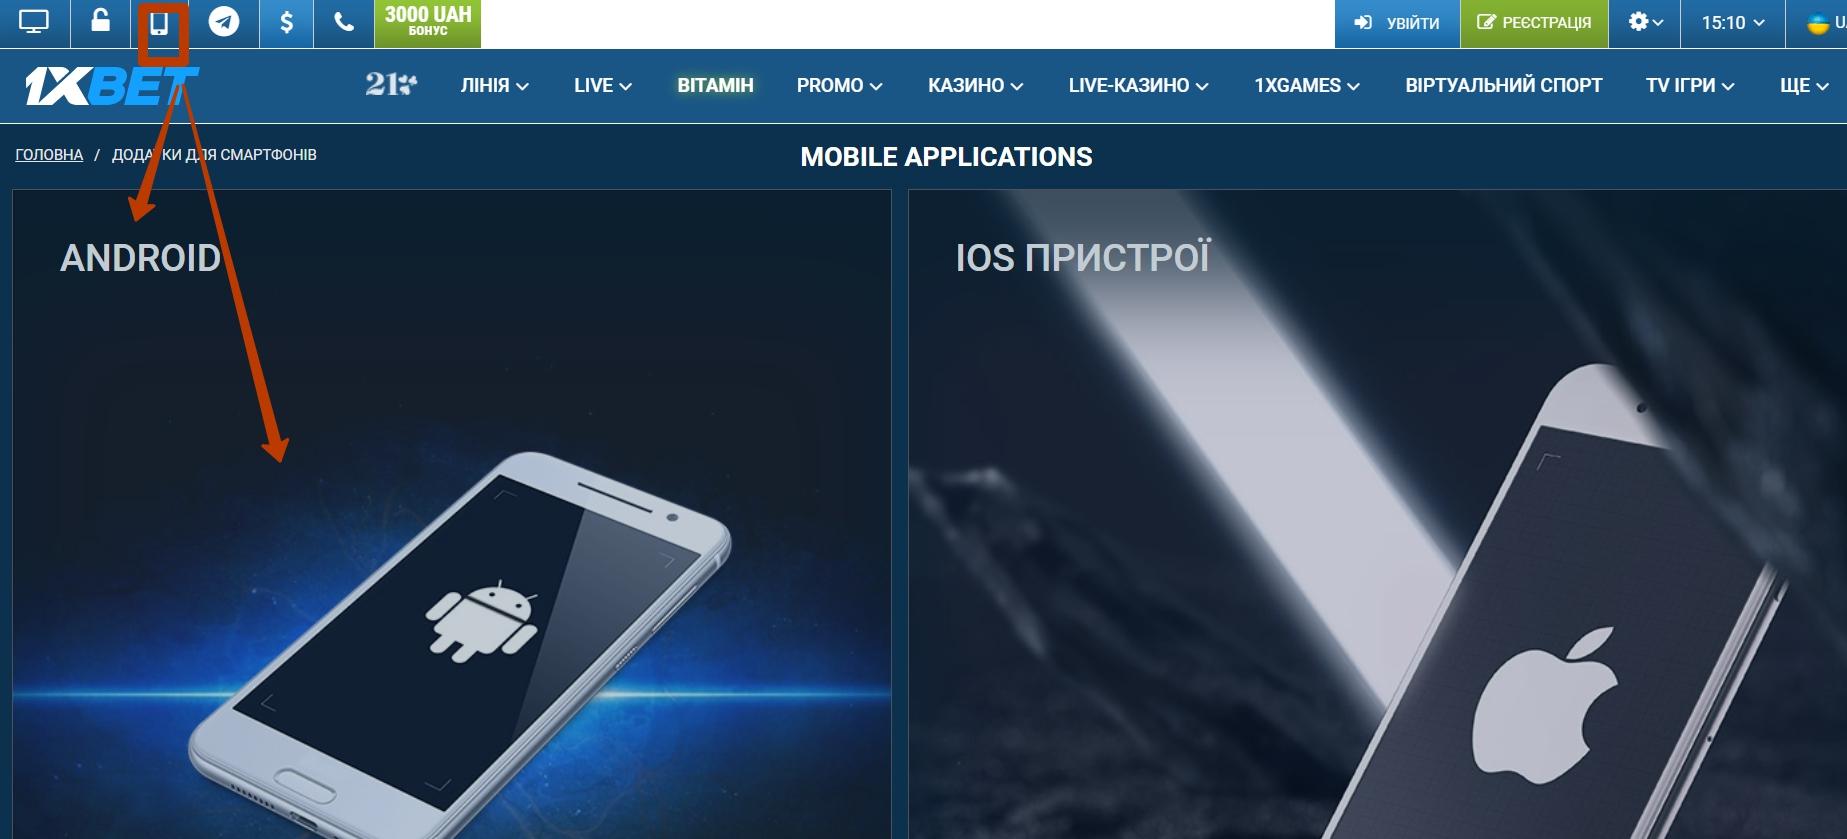 Скачать мобильное приложение 1xBet на Андроид - последняя версия программы